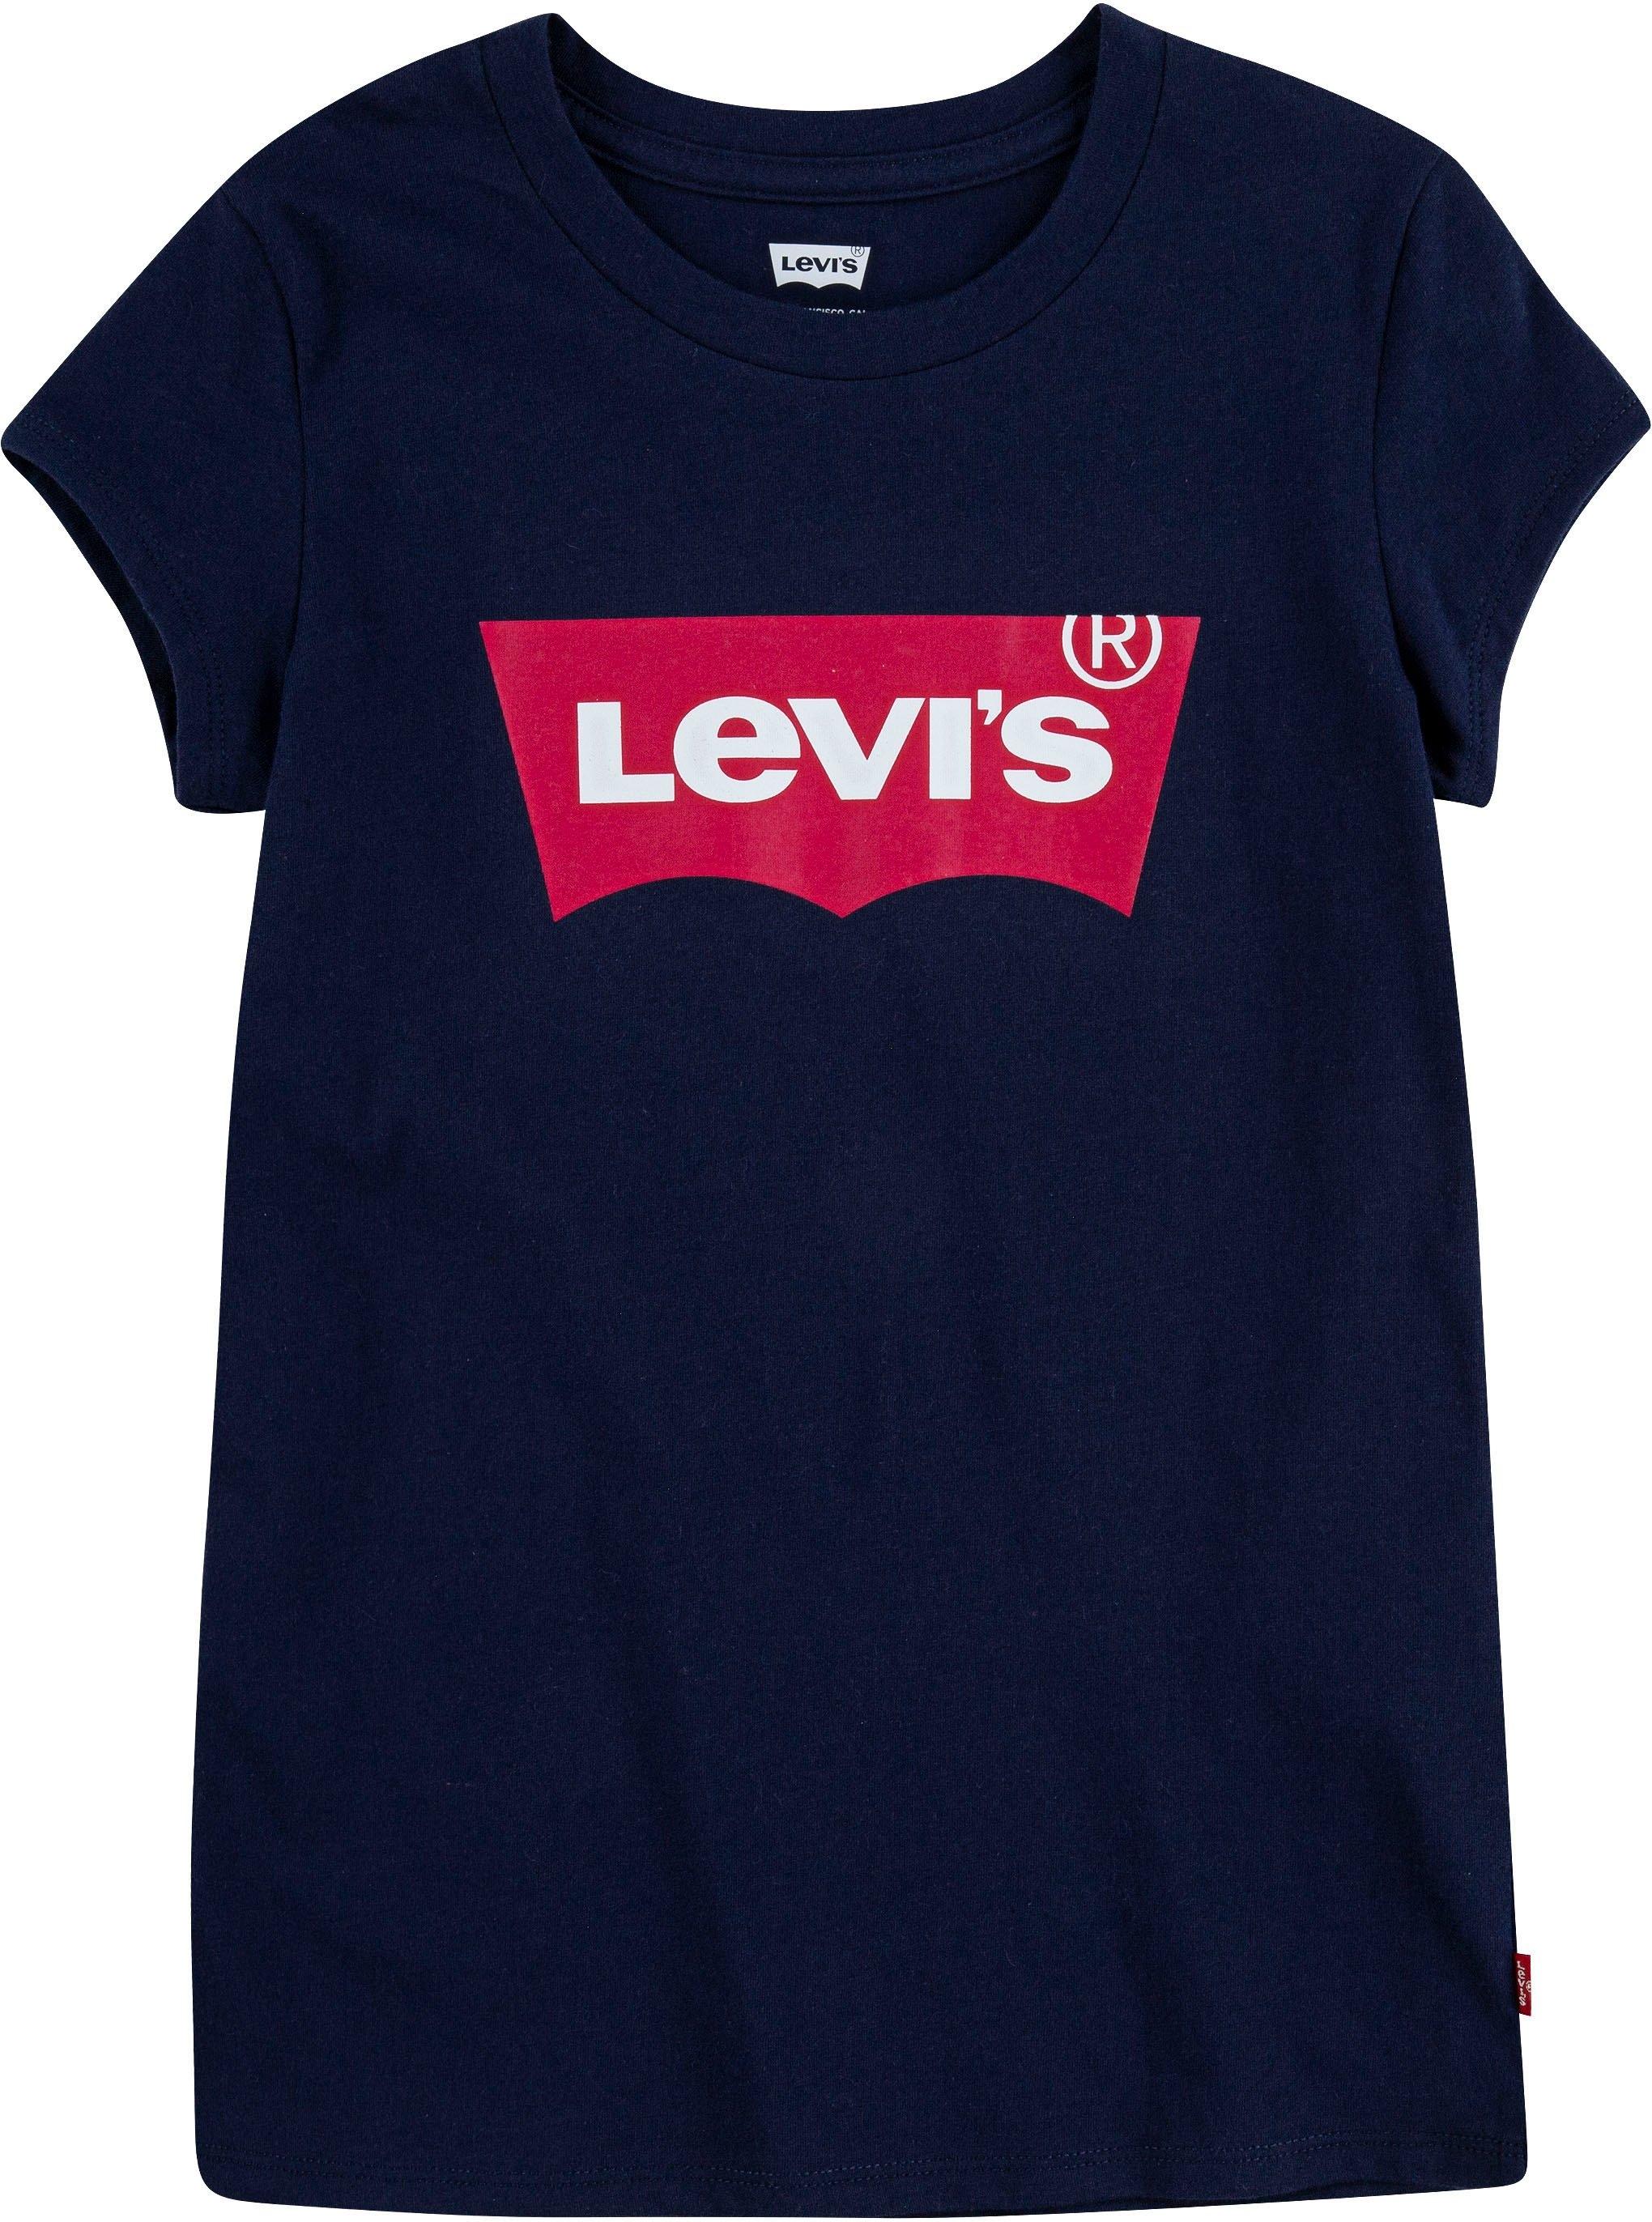 Levi's Kidswear T-shirt »LEVI´S Short Sleeved Batwing Tee« voordelig en veilig online kopen